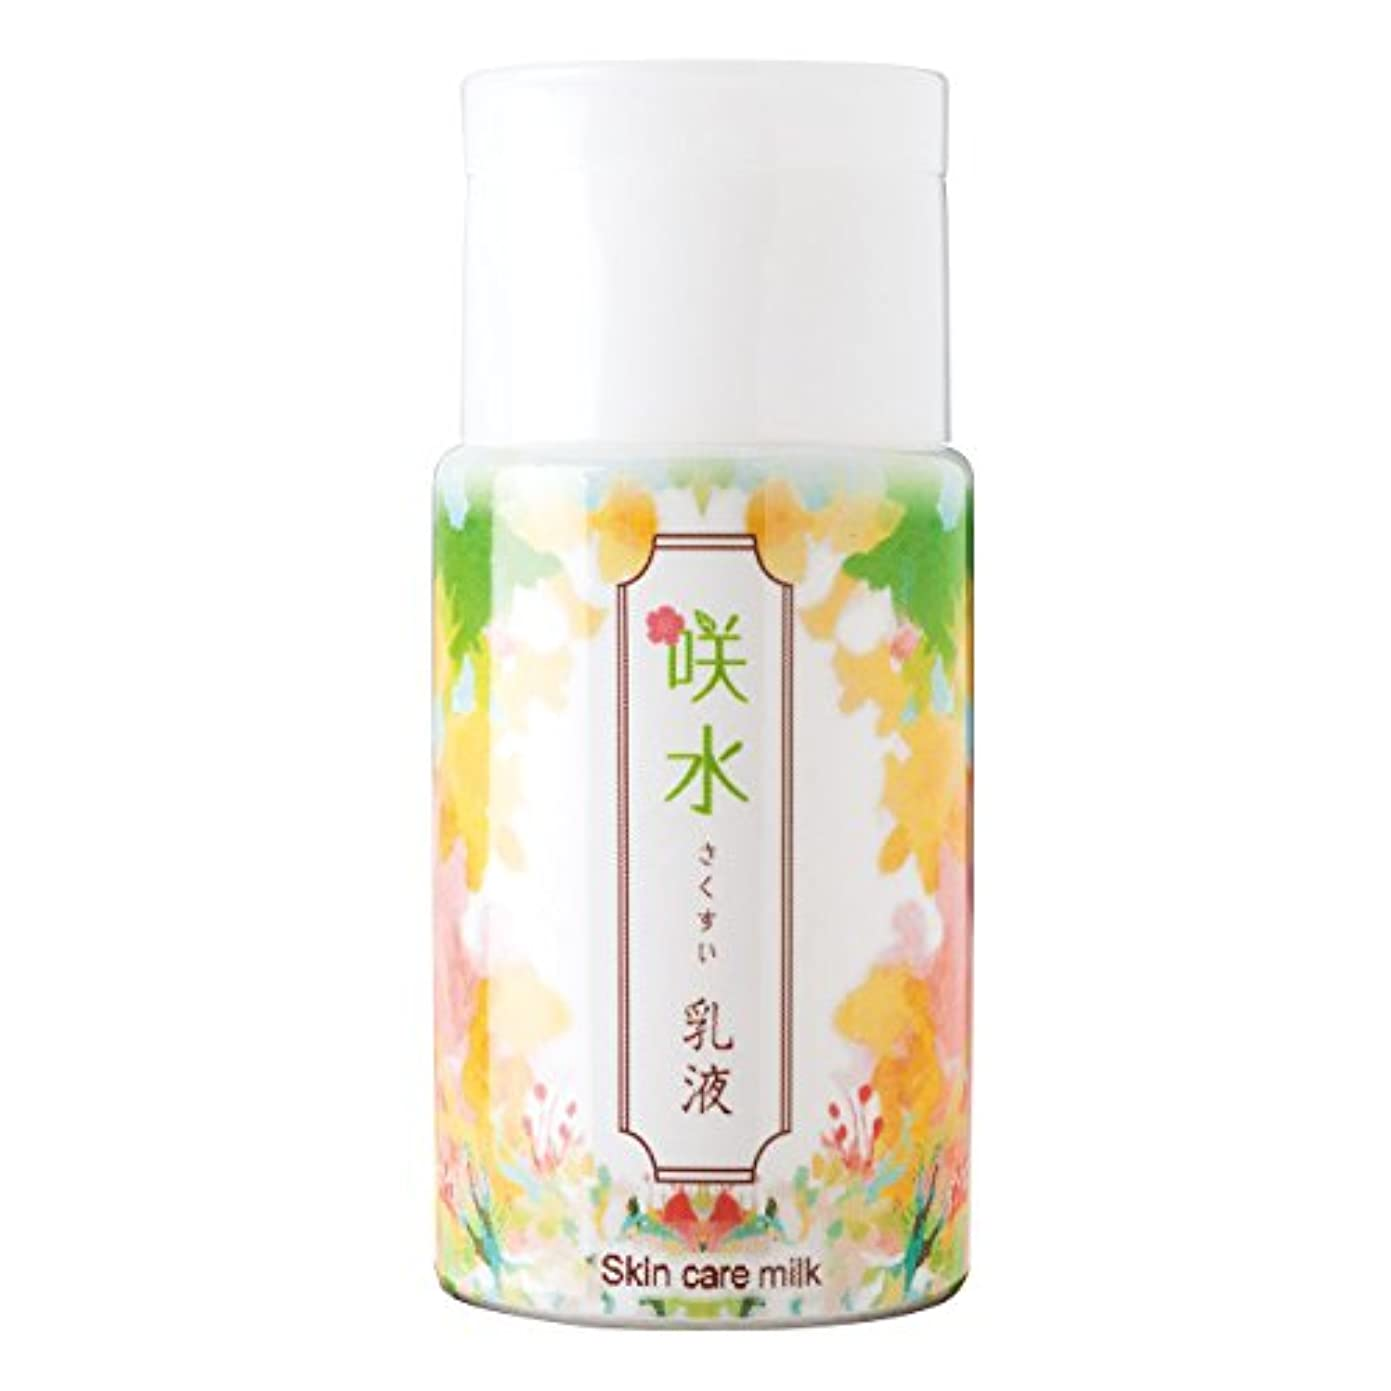 縞模様の中央値ひそかに咲水 スキンケア乳液 100ml リバテープ製薬 日本製 スイゼンジノリ サクラン 乾燥 肌 顔 フェイス